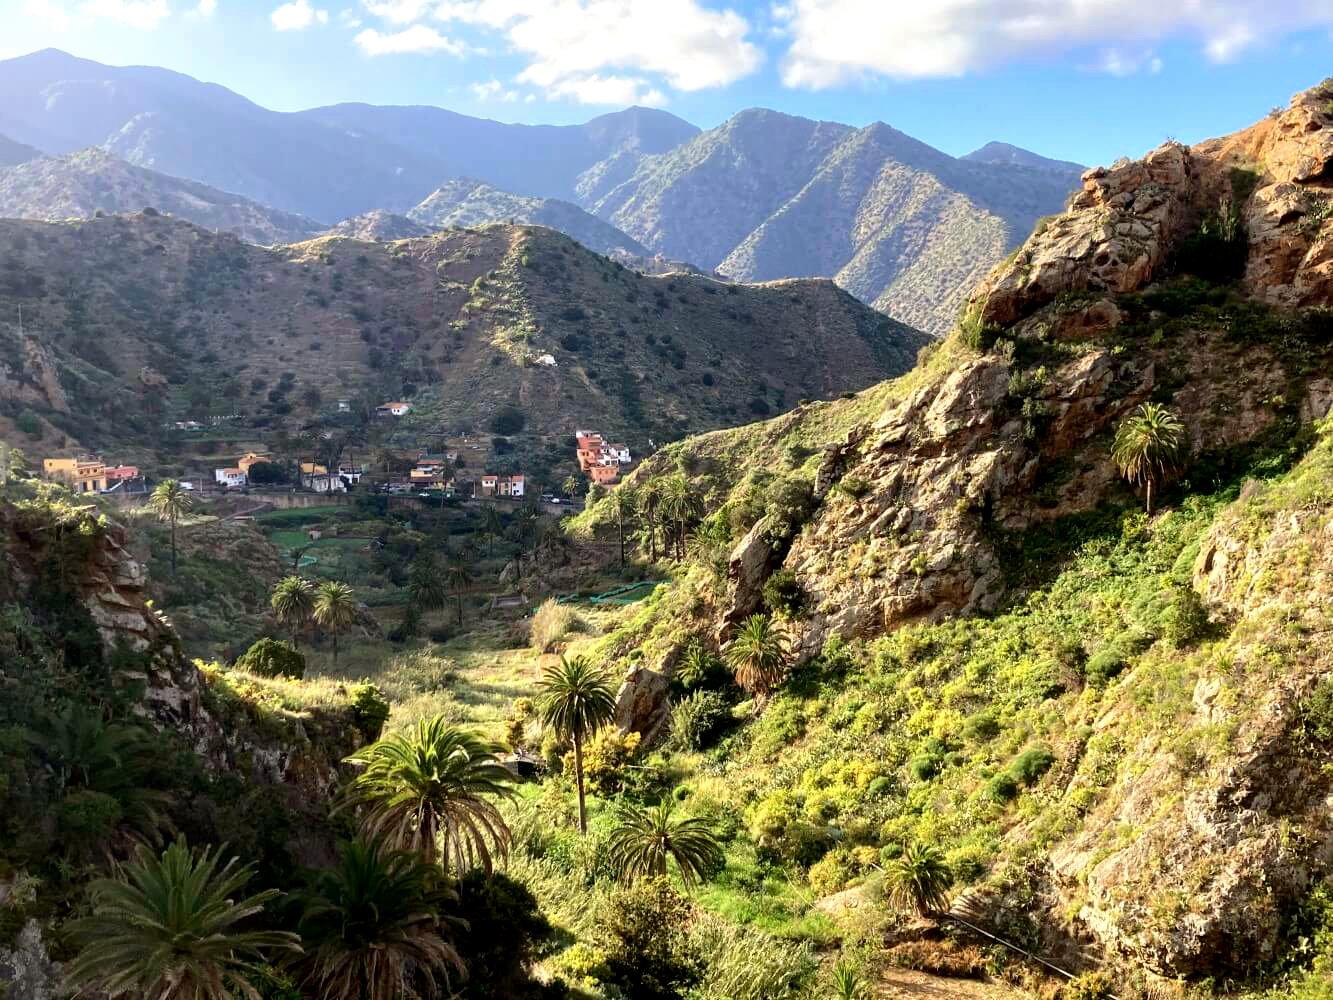 Blick auf Vallehermoso beim GR 132 in La Gomera.